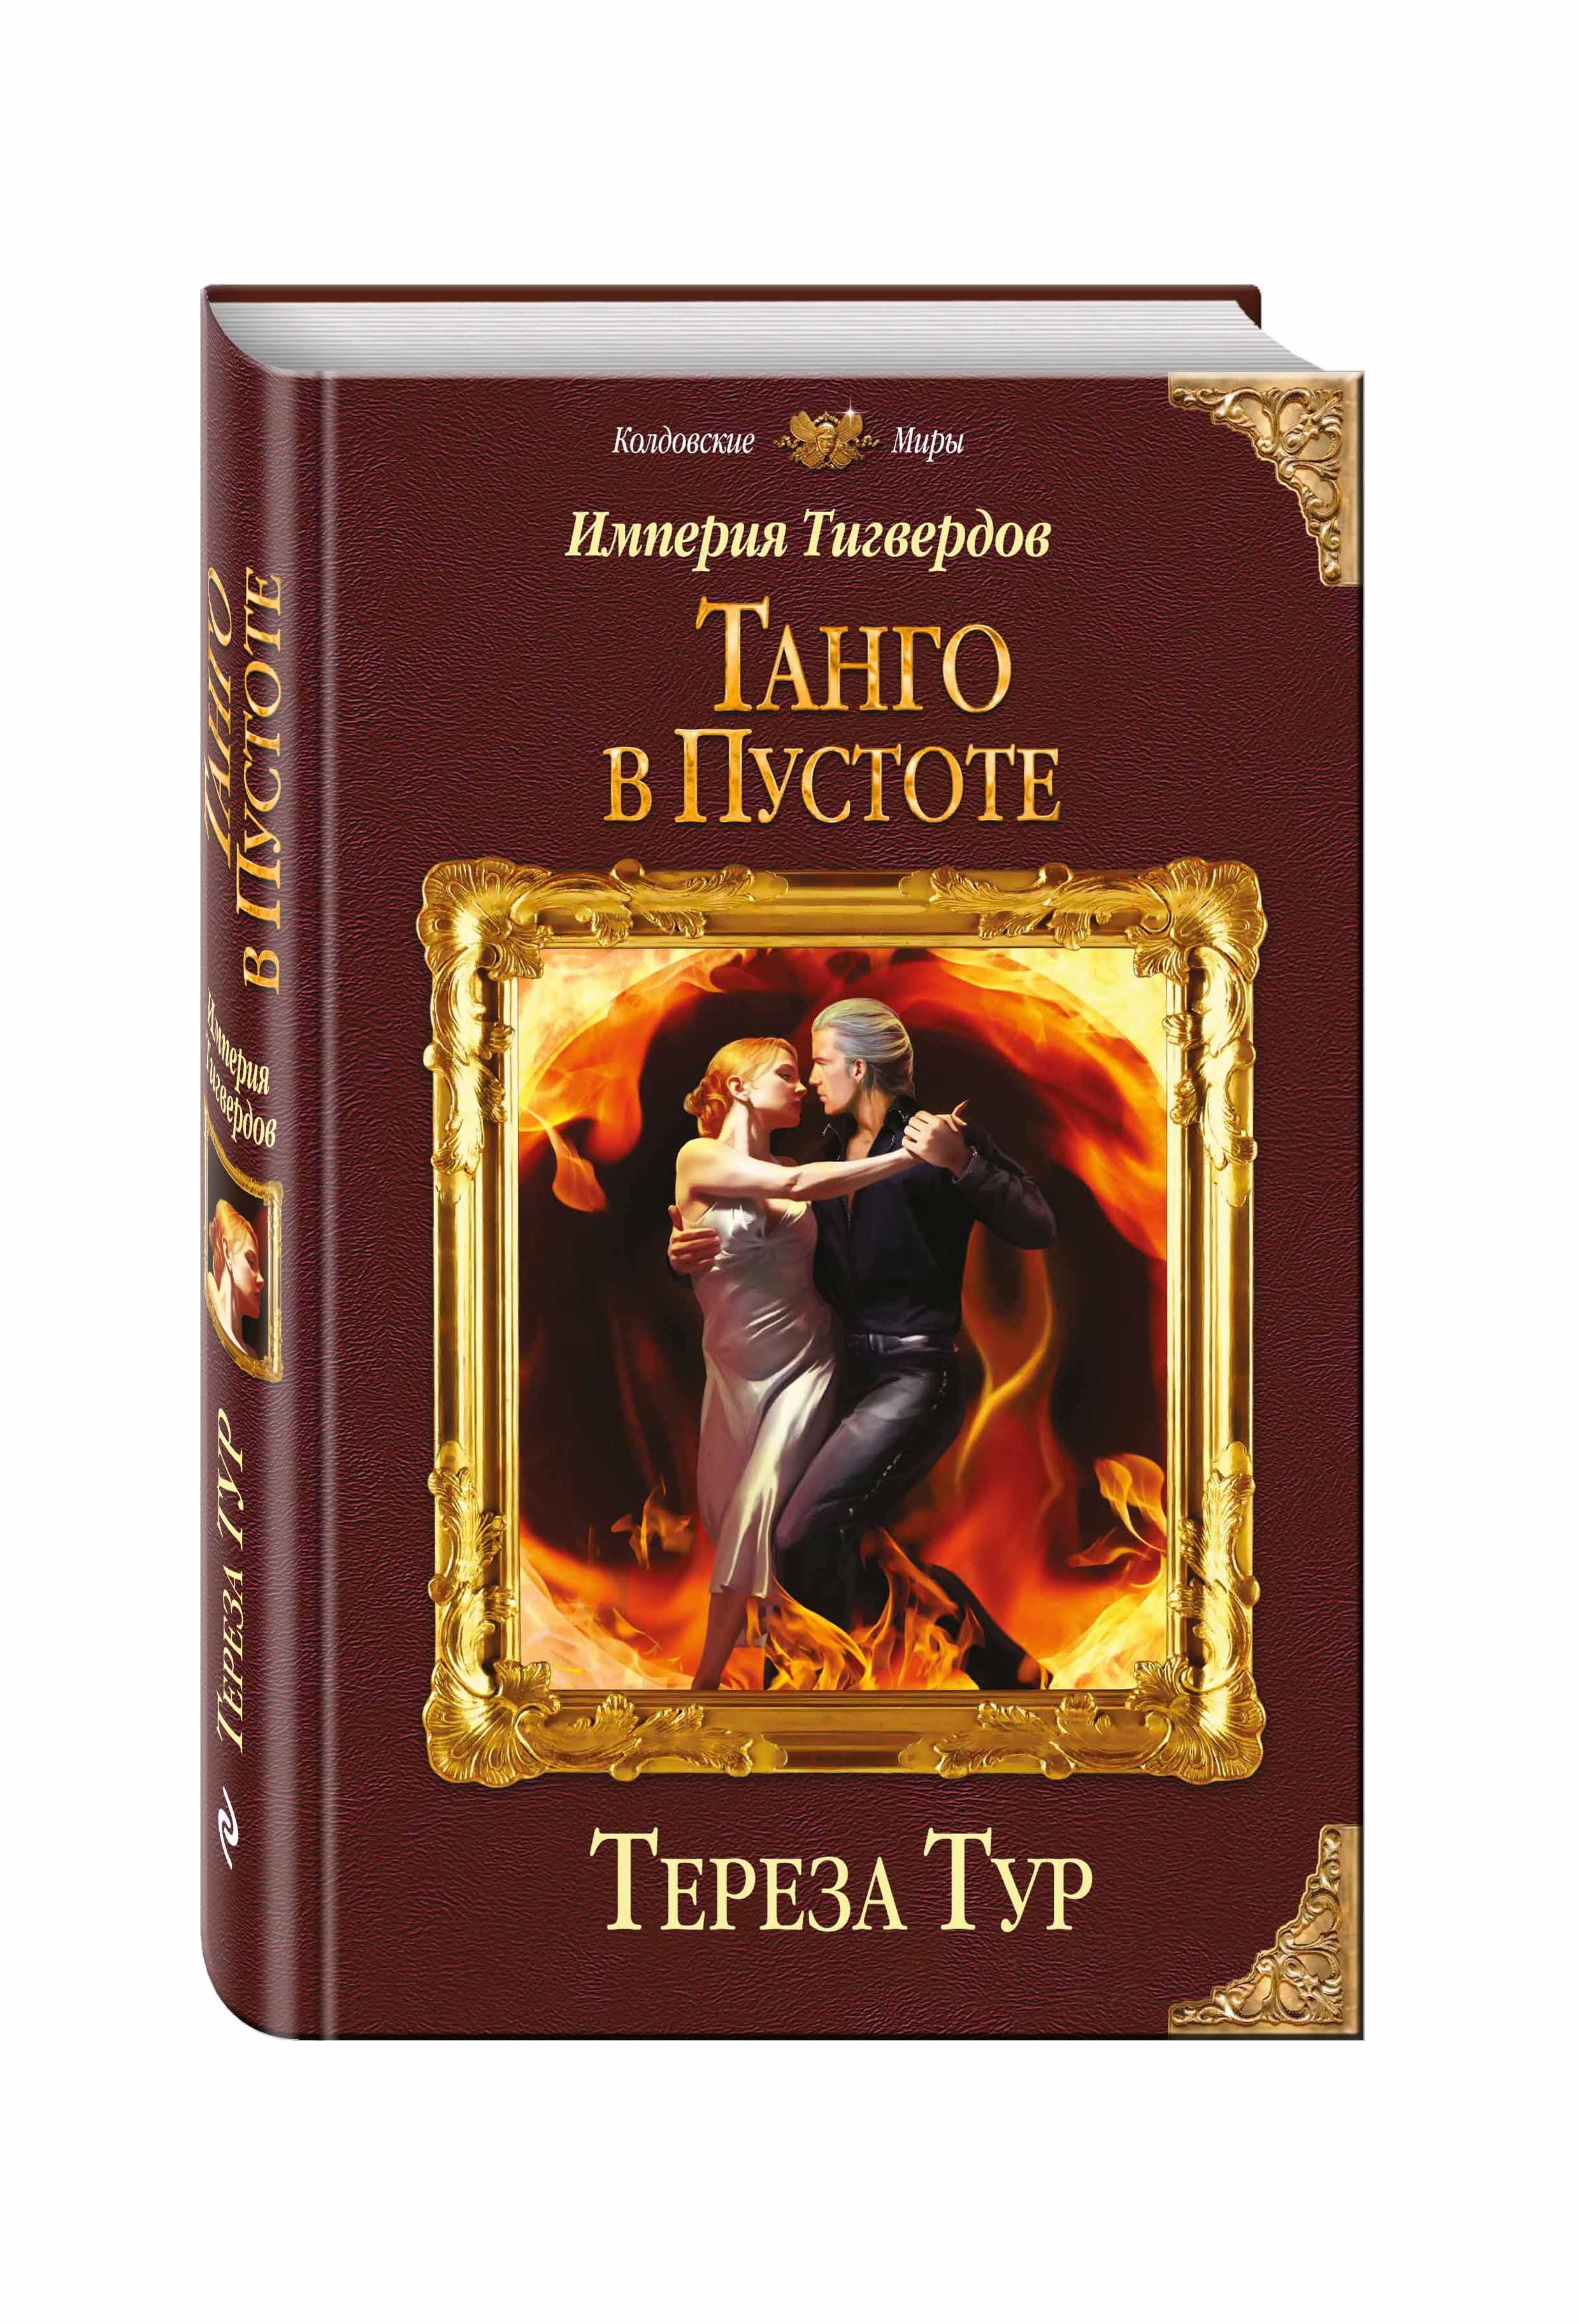 Тур Т. Империя Тигвердов. Танго в пустоте книги эксмо каникулы в раваншире или свадьбы не будет